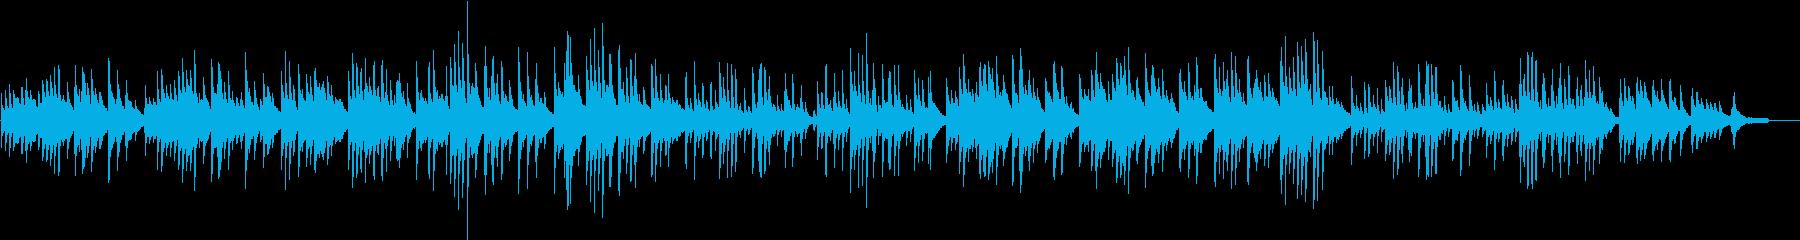 ジブリ風やさしいピアノバラードの再生済みの波形